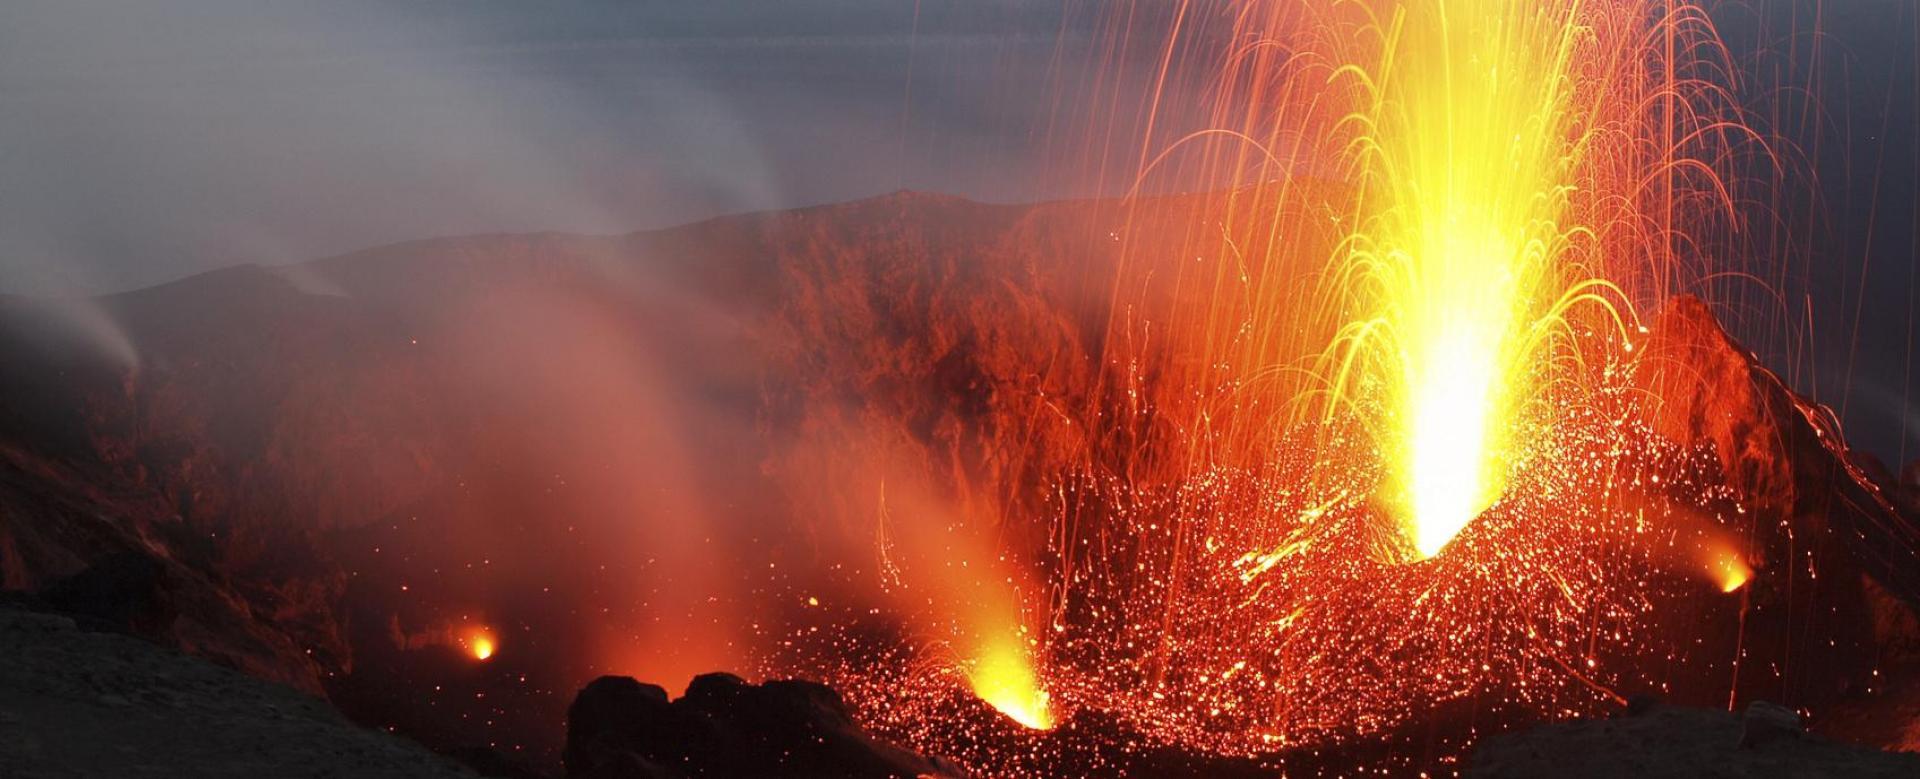 Voyage à pied : Les îles Éoliennes : Trilogie volcanique de naples aux eoliennes